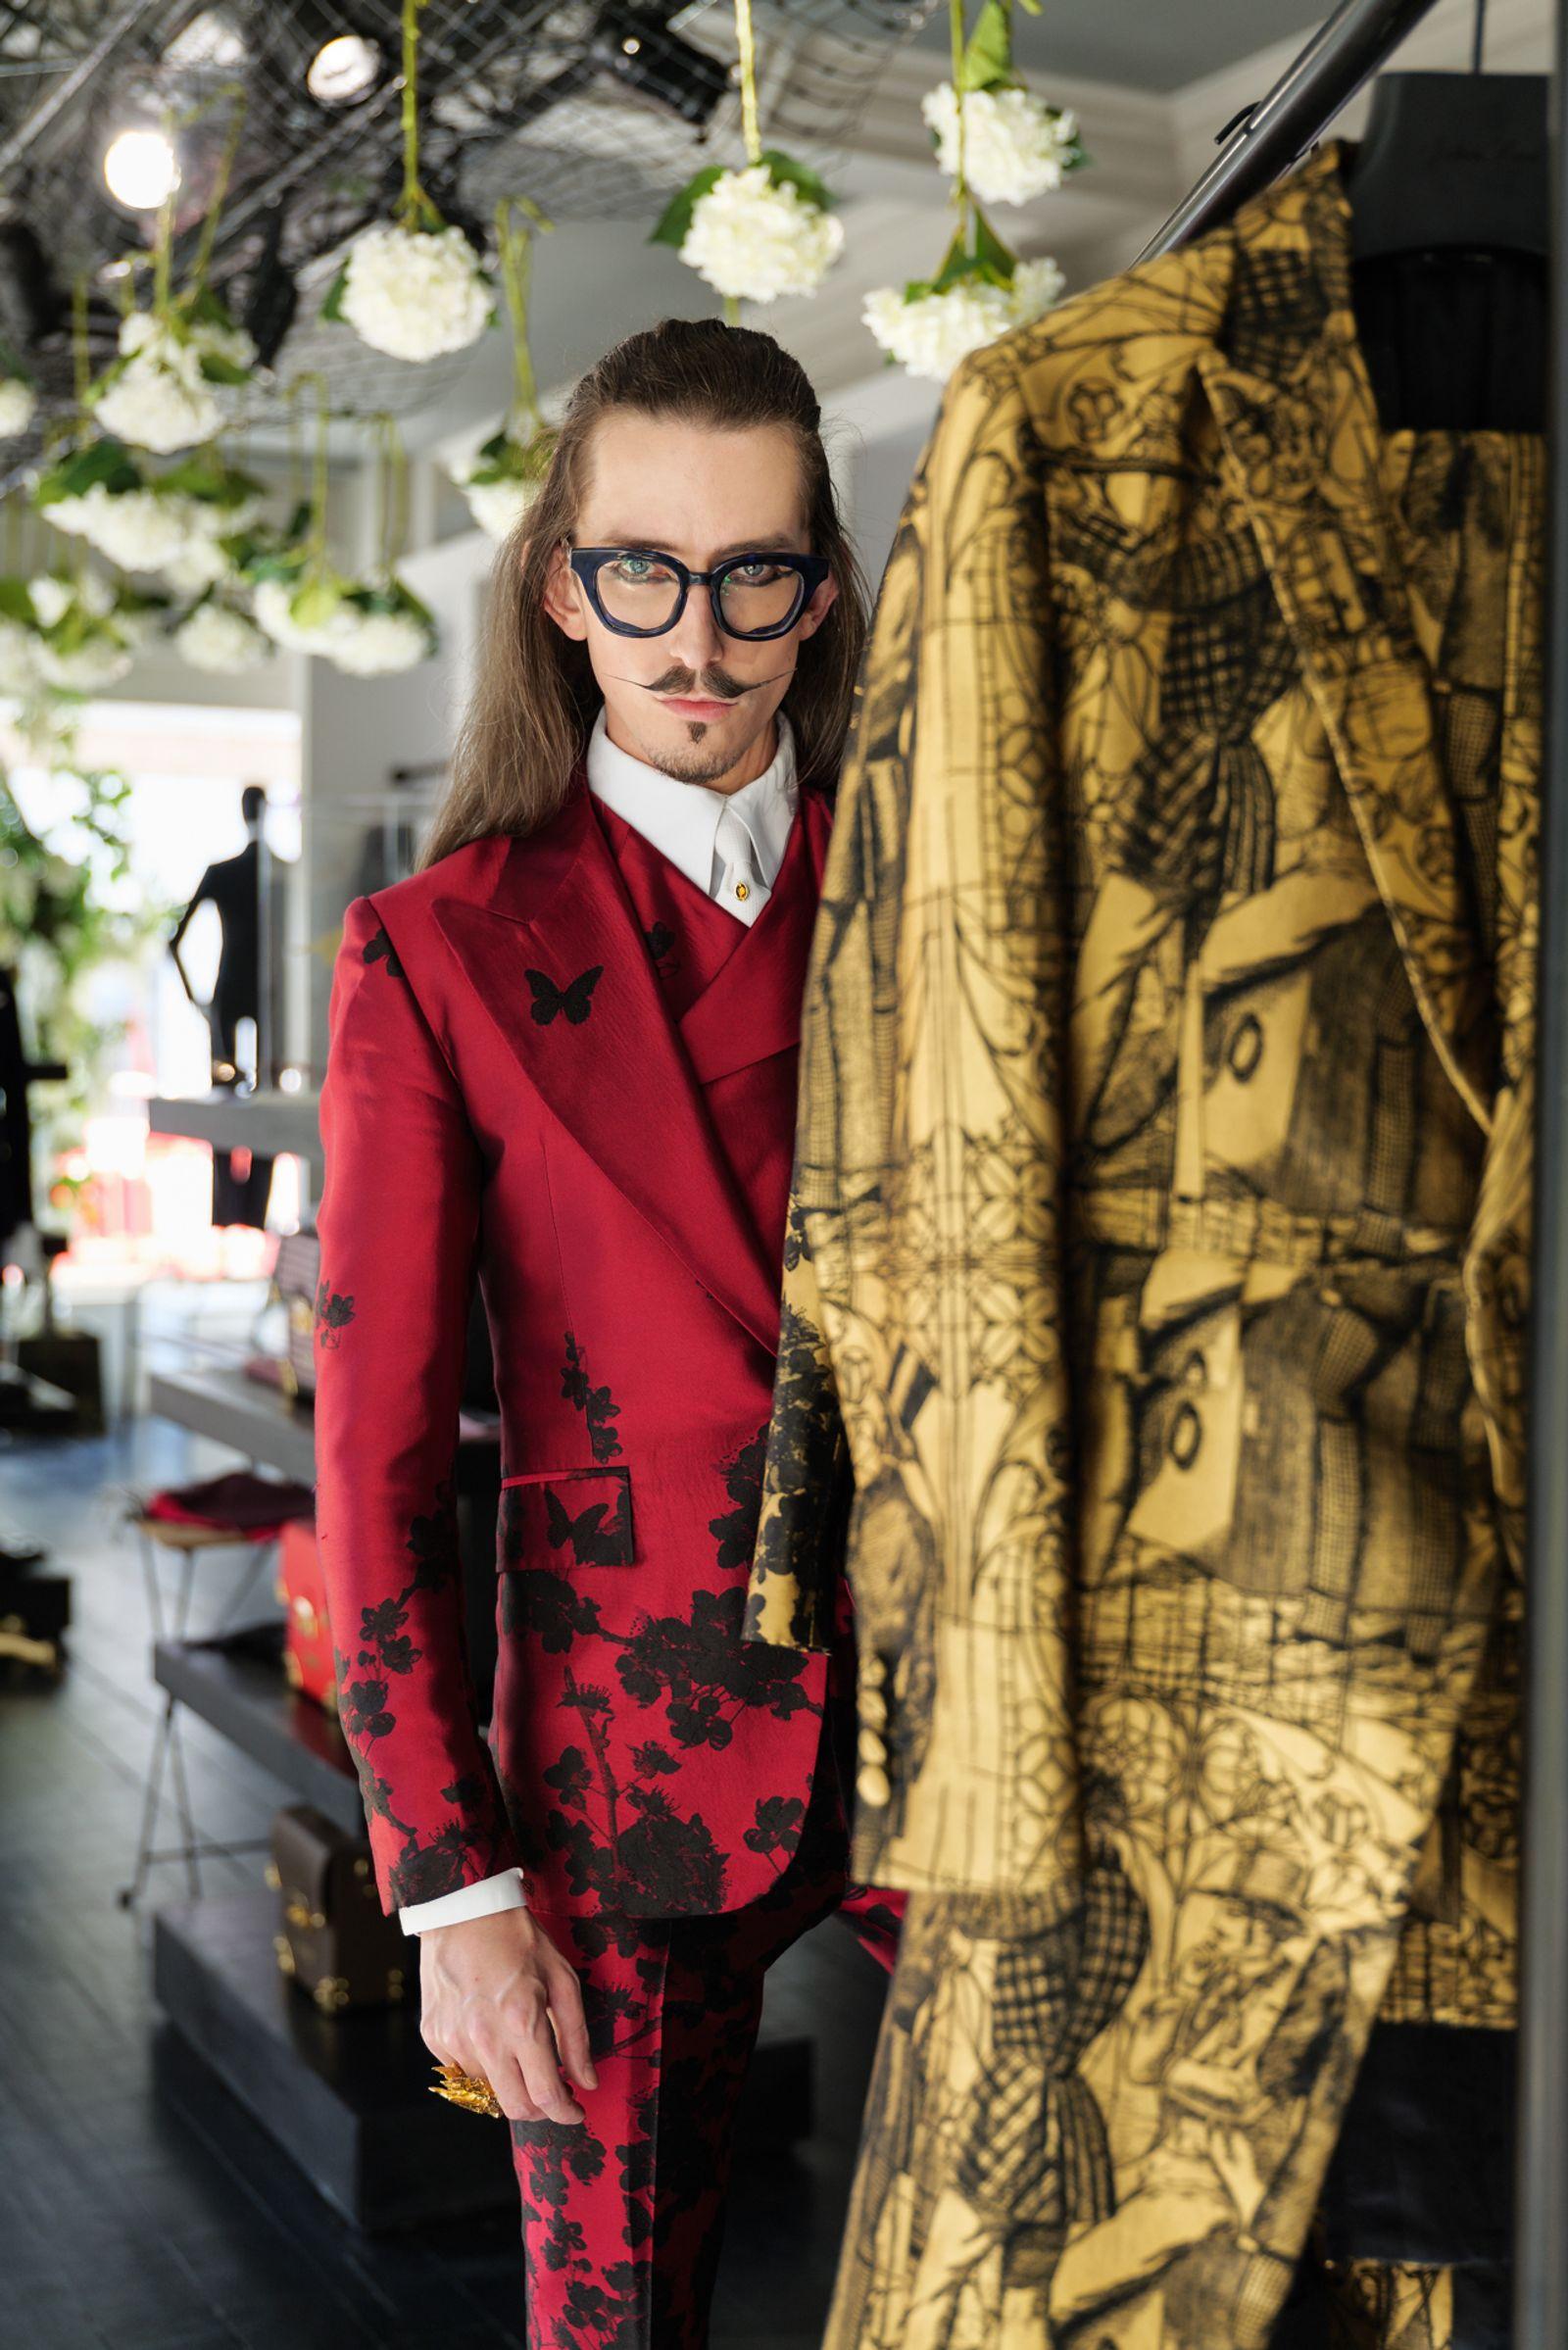 Fashion designer Joshua Kane